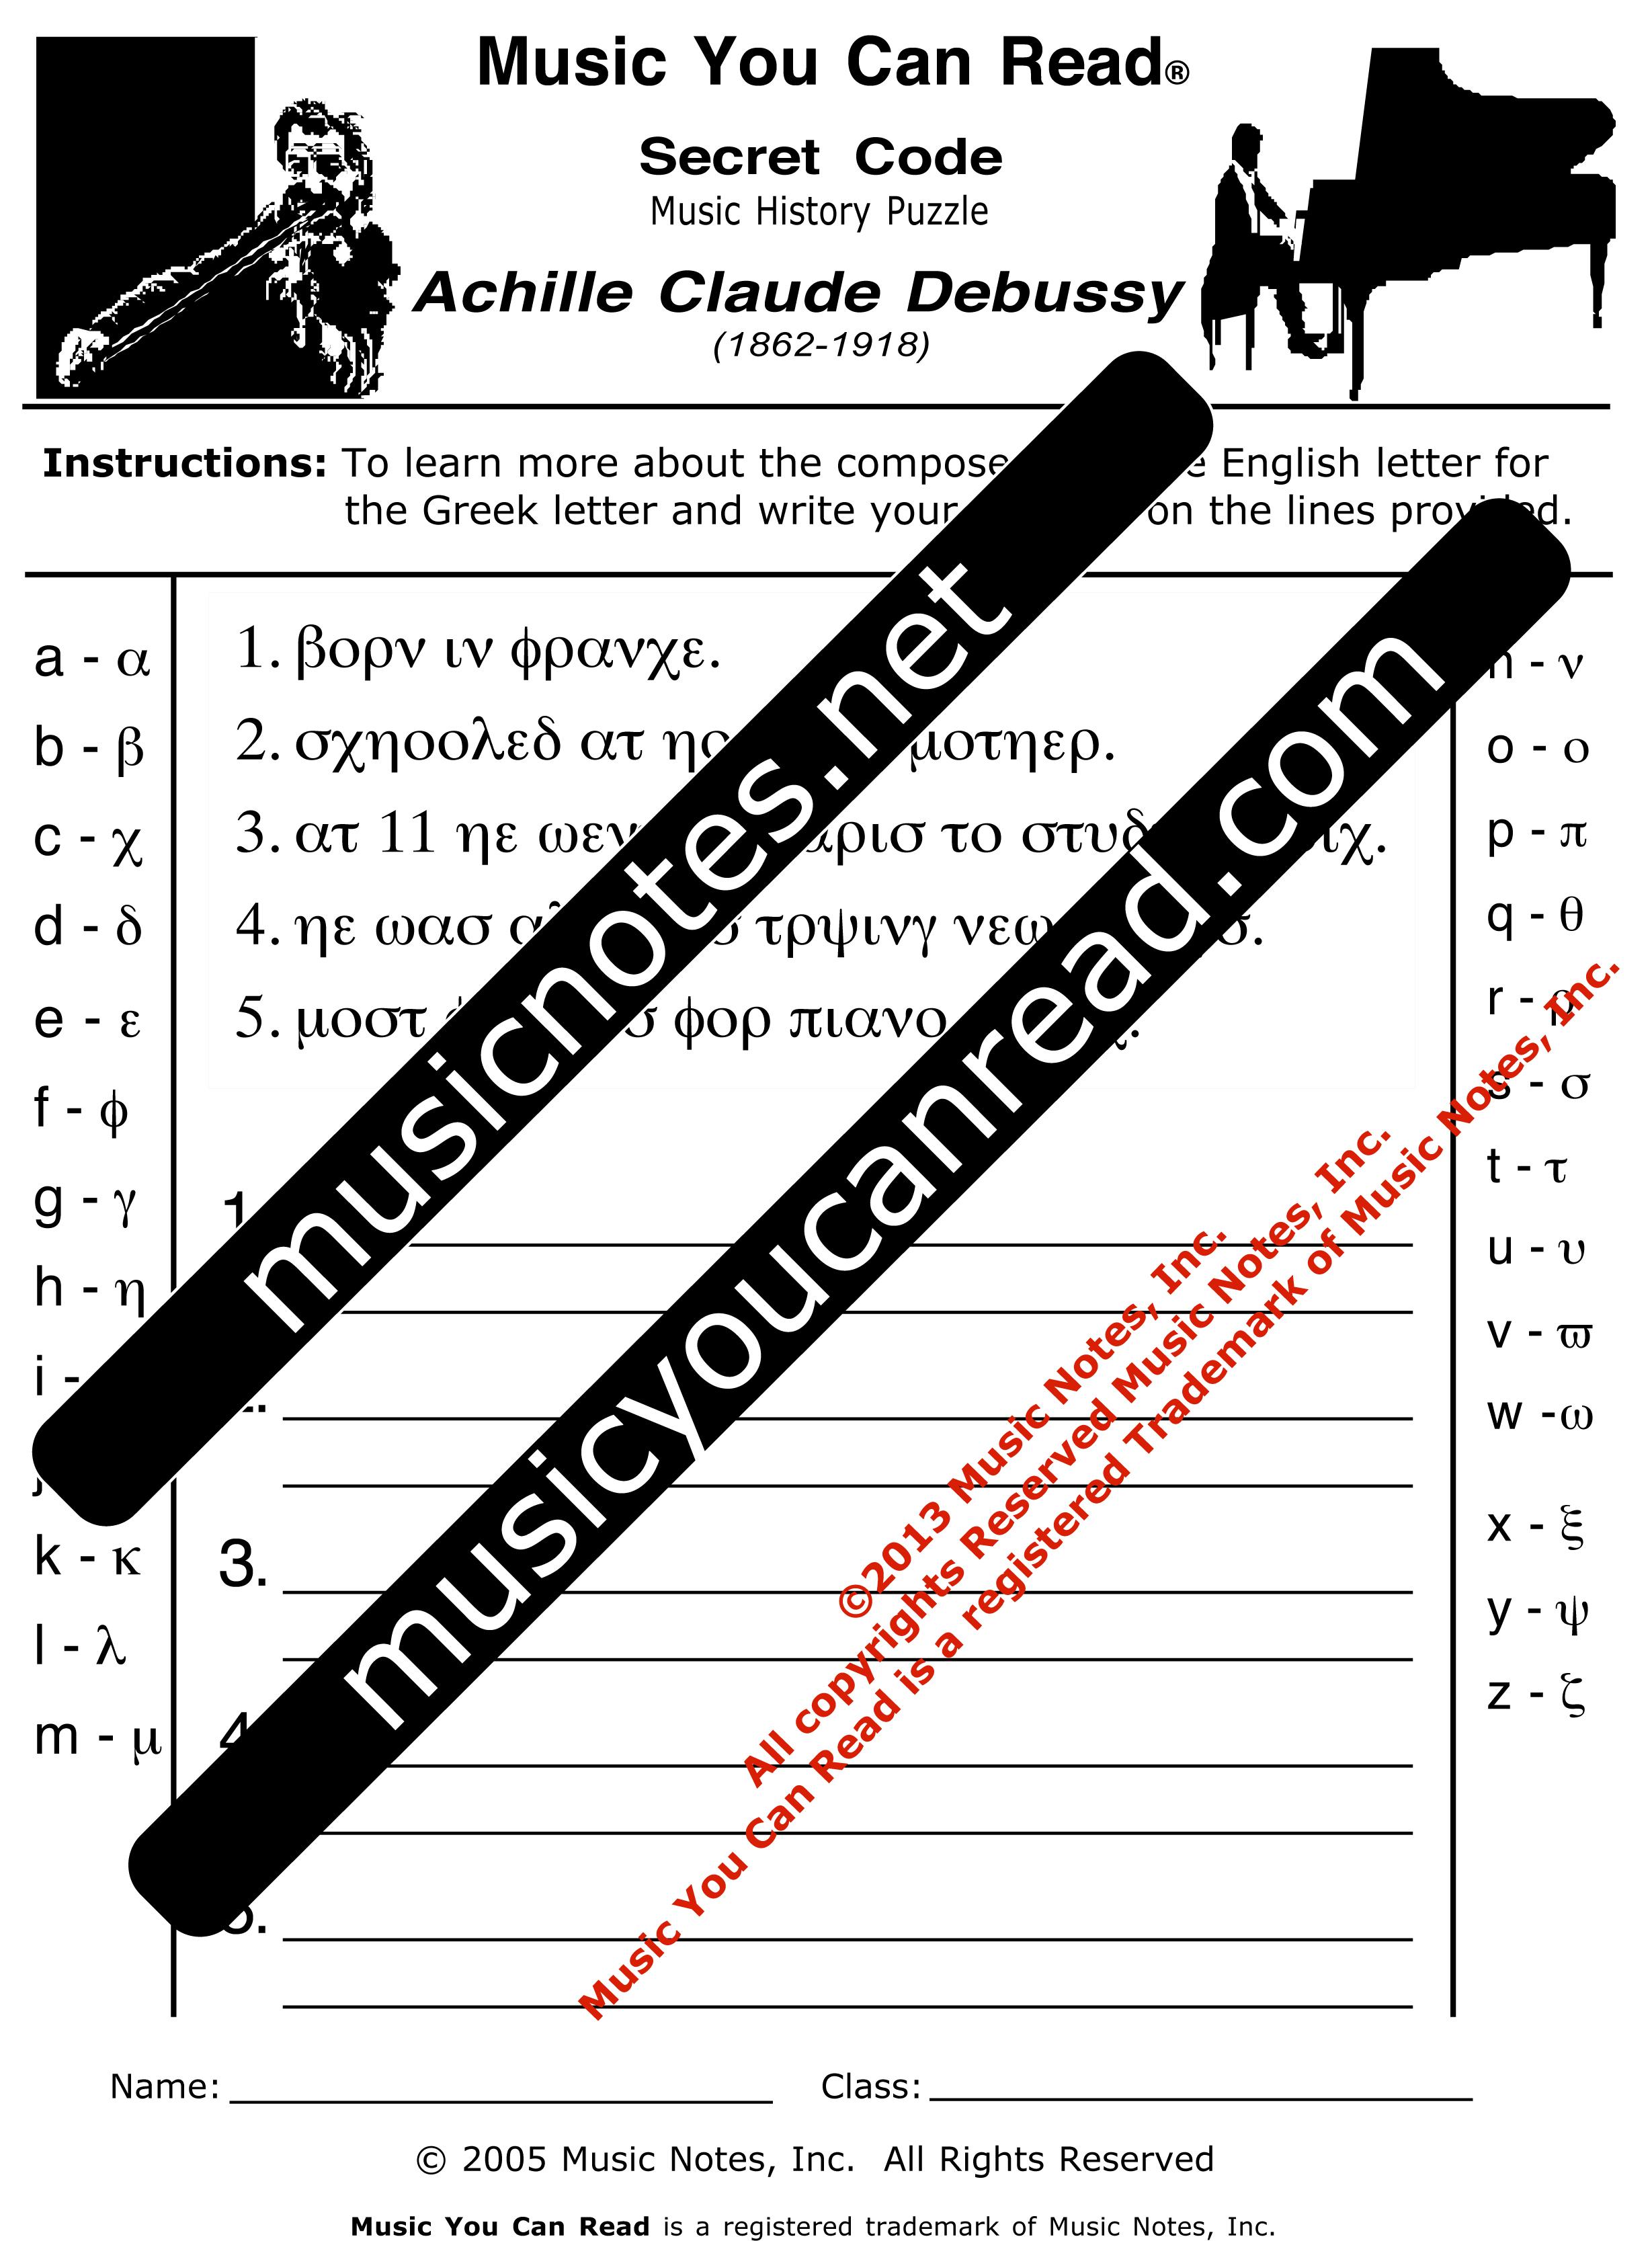 Secret Code – Achille Claude Debussy